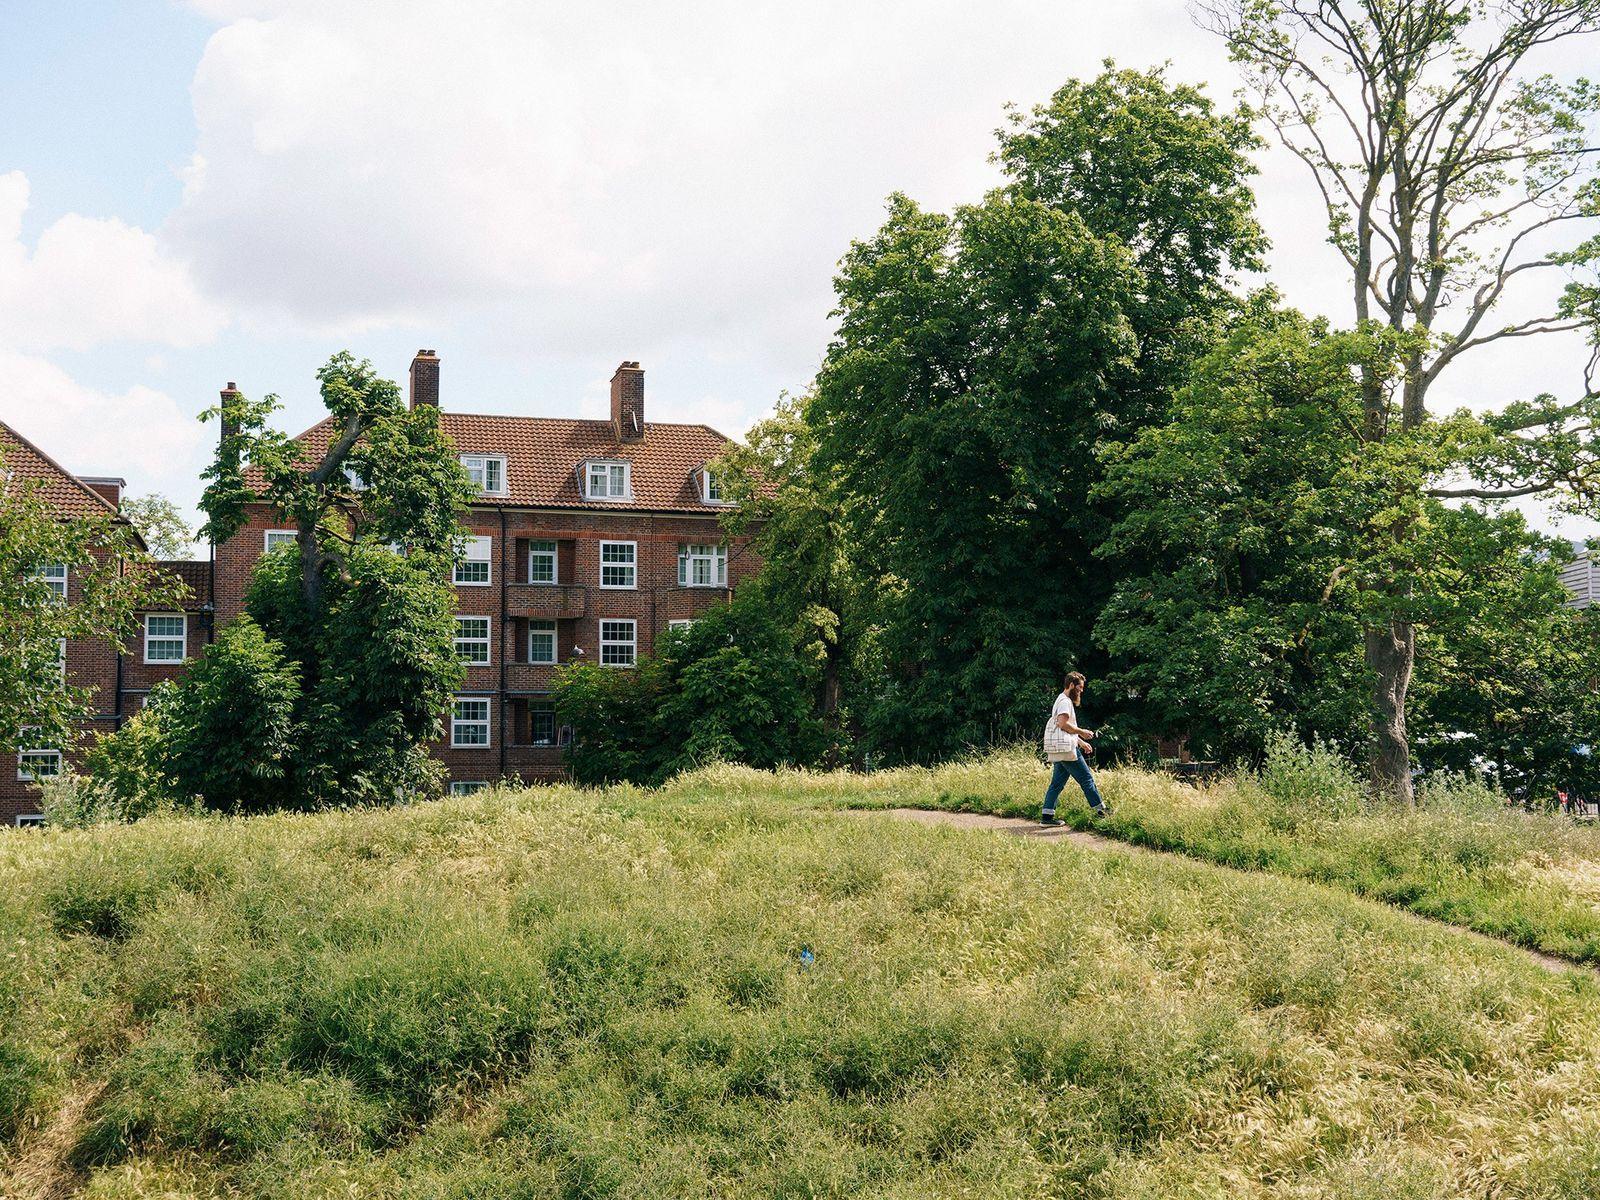 Wross Lawrence, forrageador profissional, apanha artemísia num parque em Londres. Esta planta tem um aroma semelhante ...